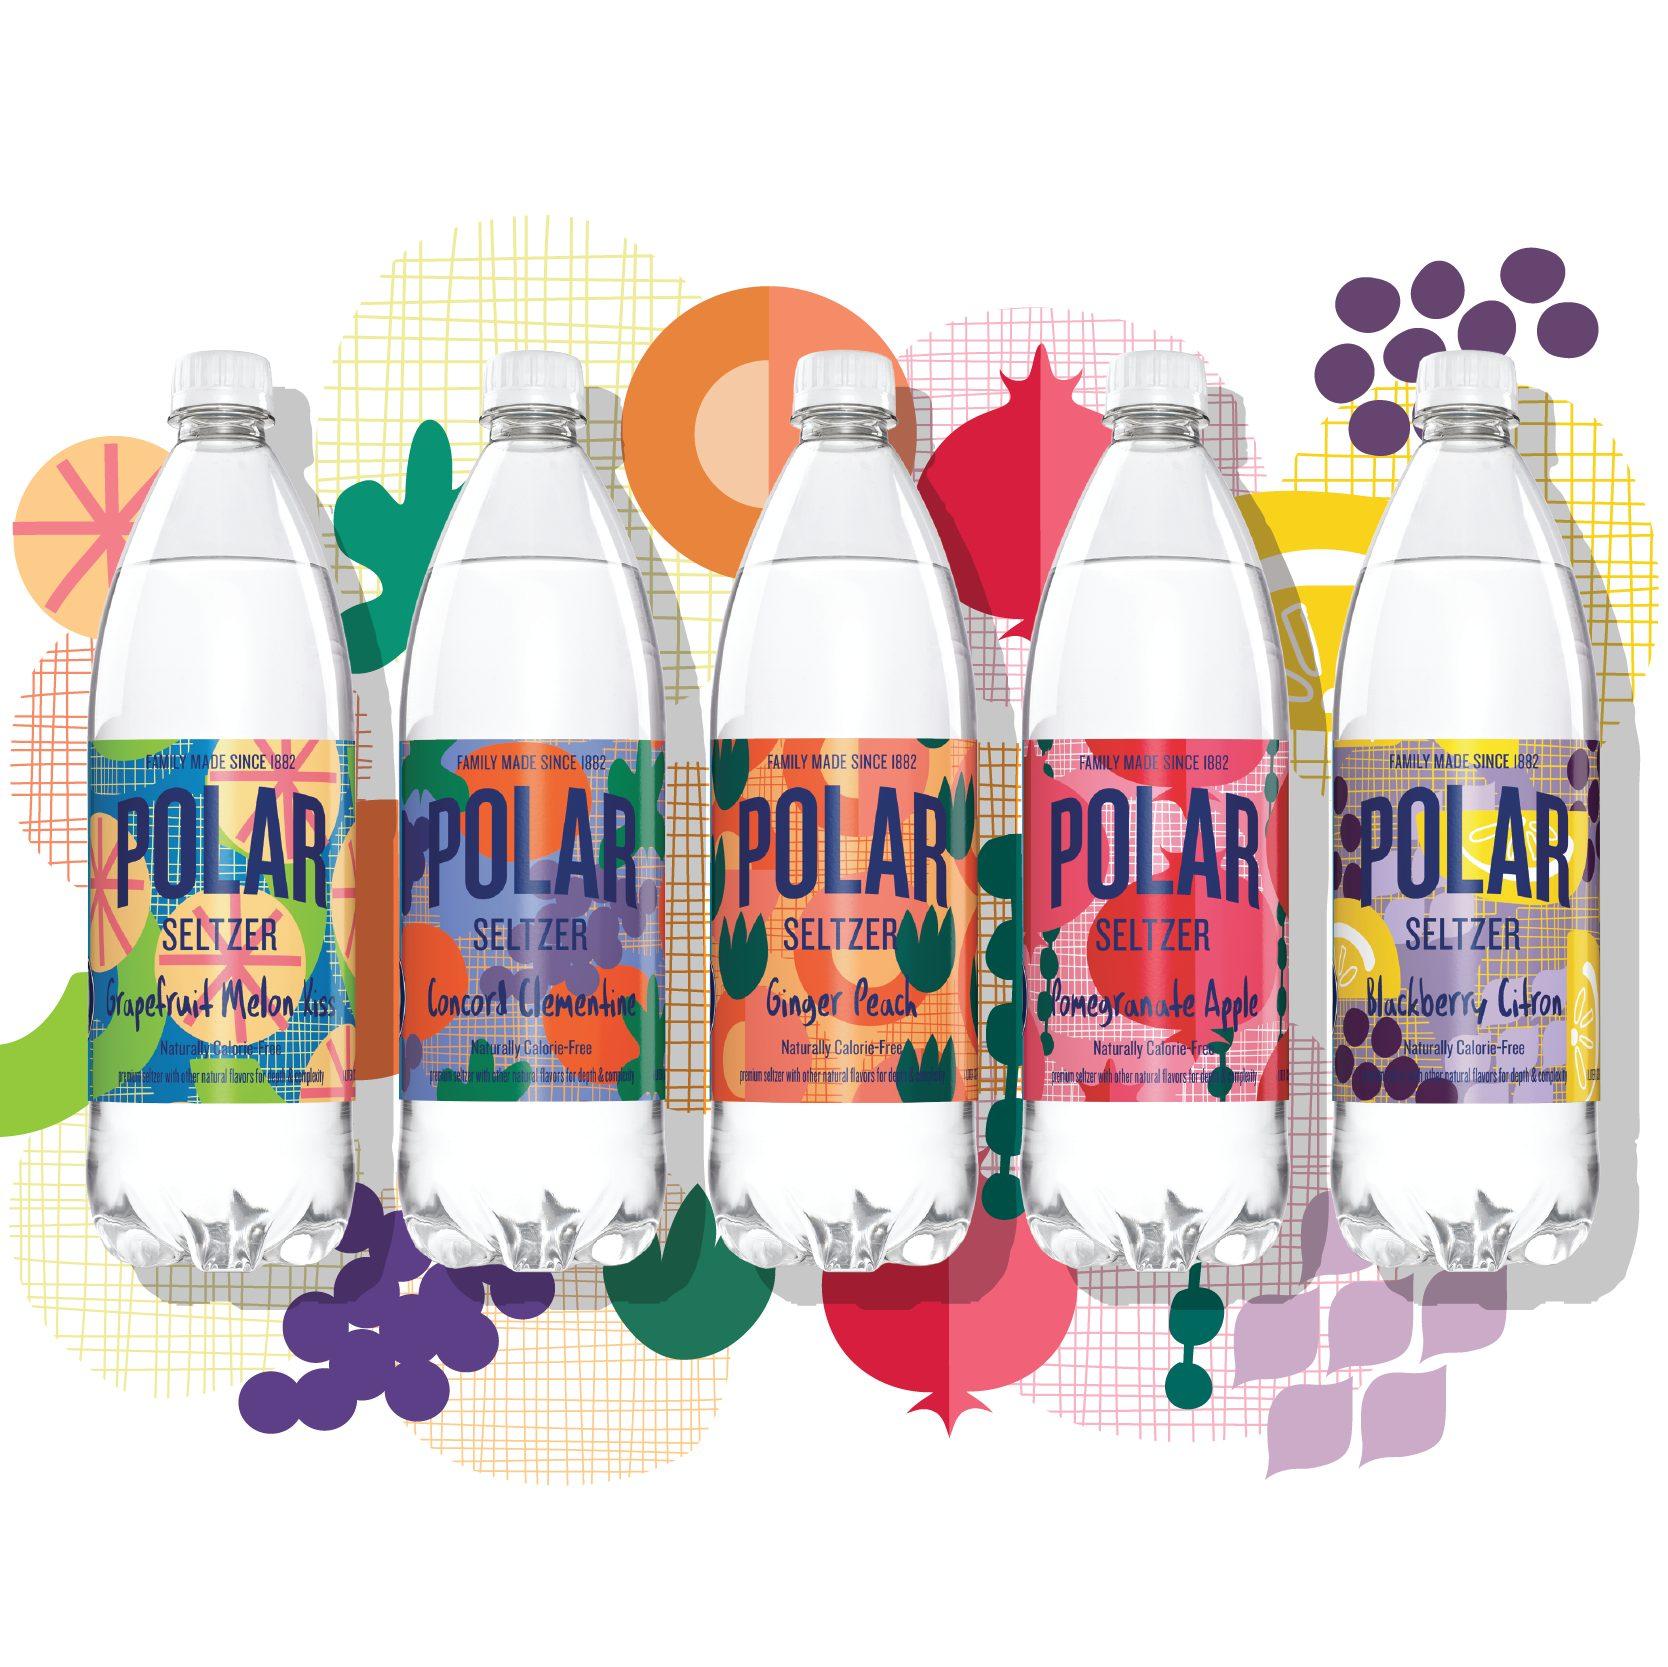 Polar Seltzer Winter 2020